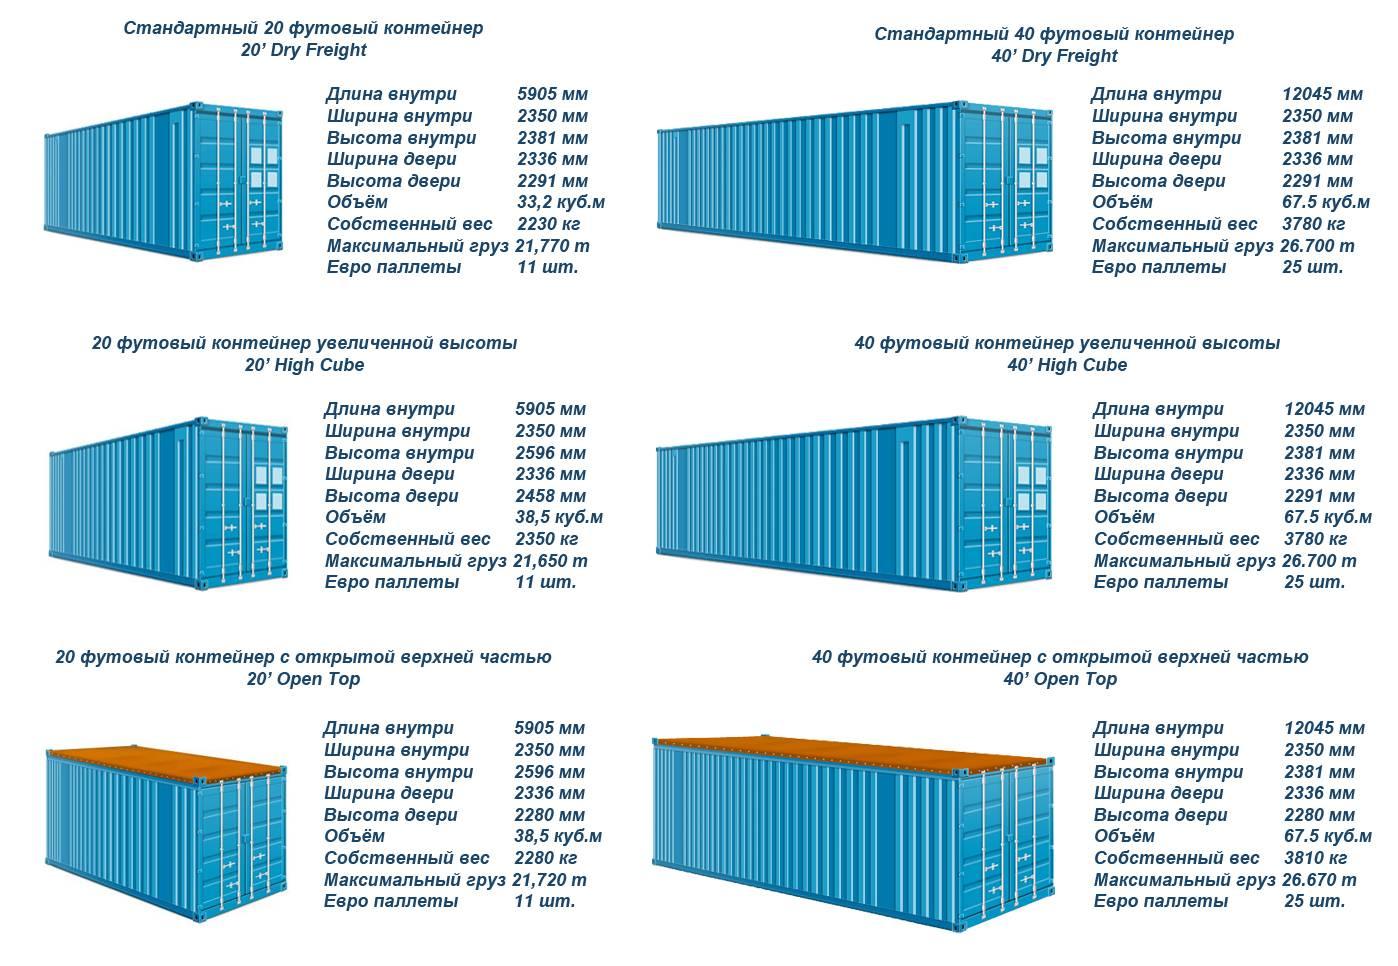 габаритные размеры контейнеров